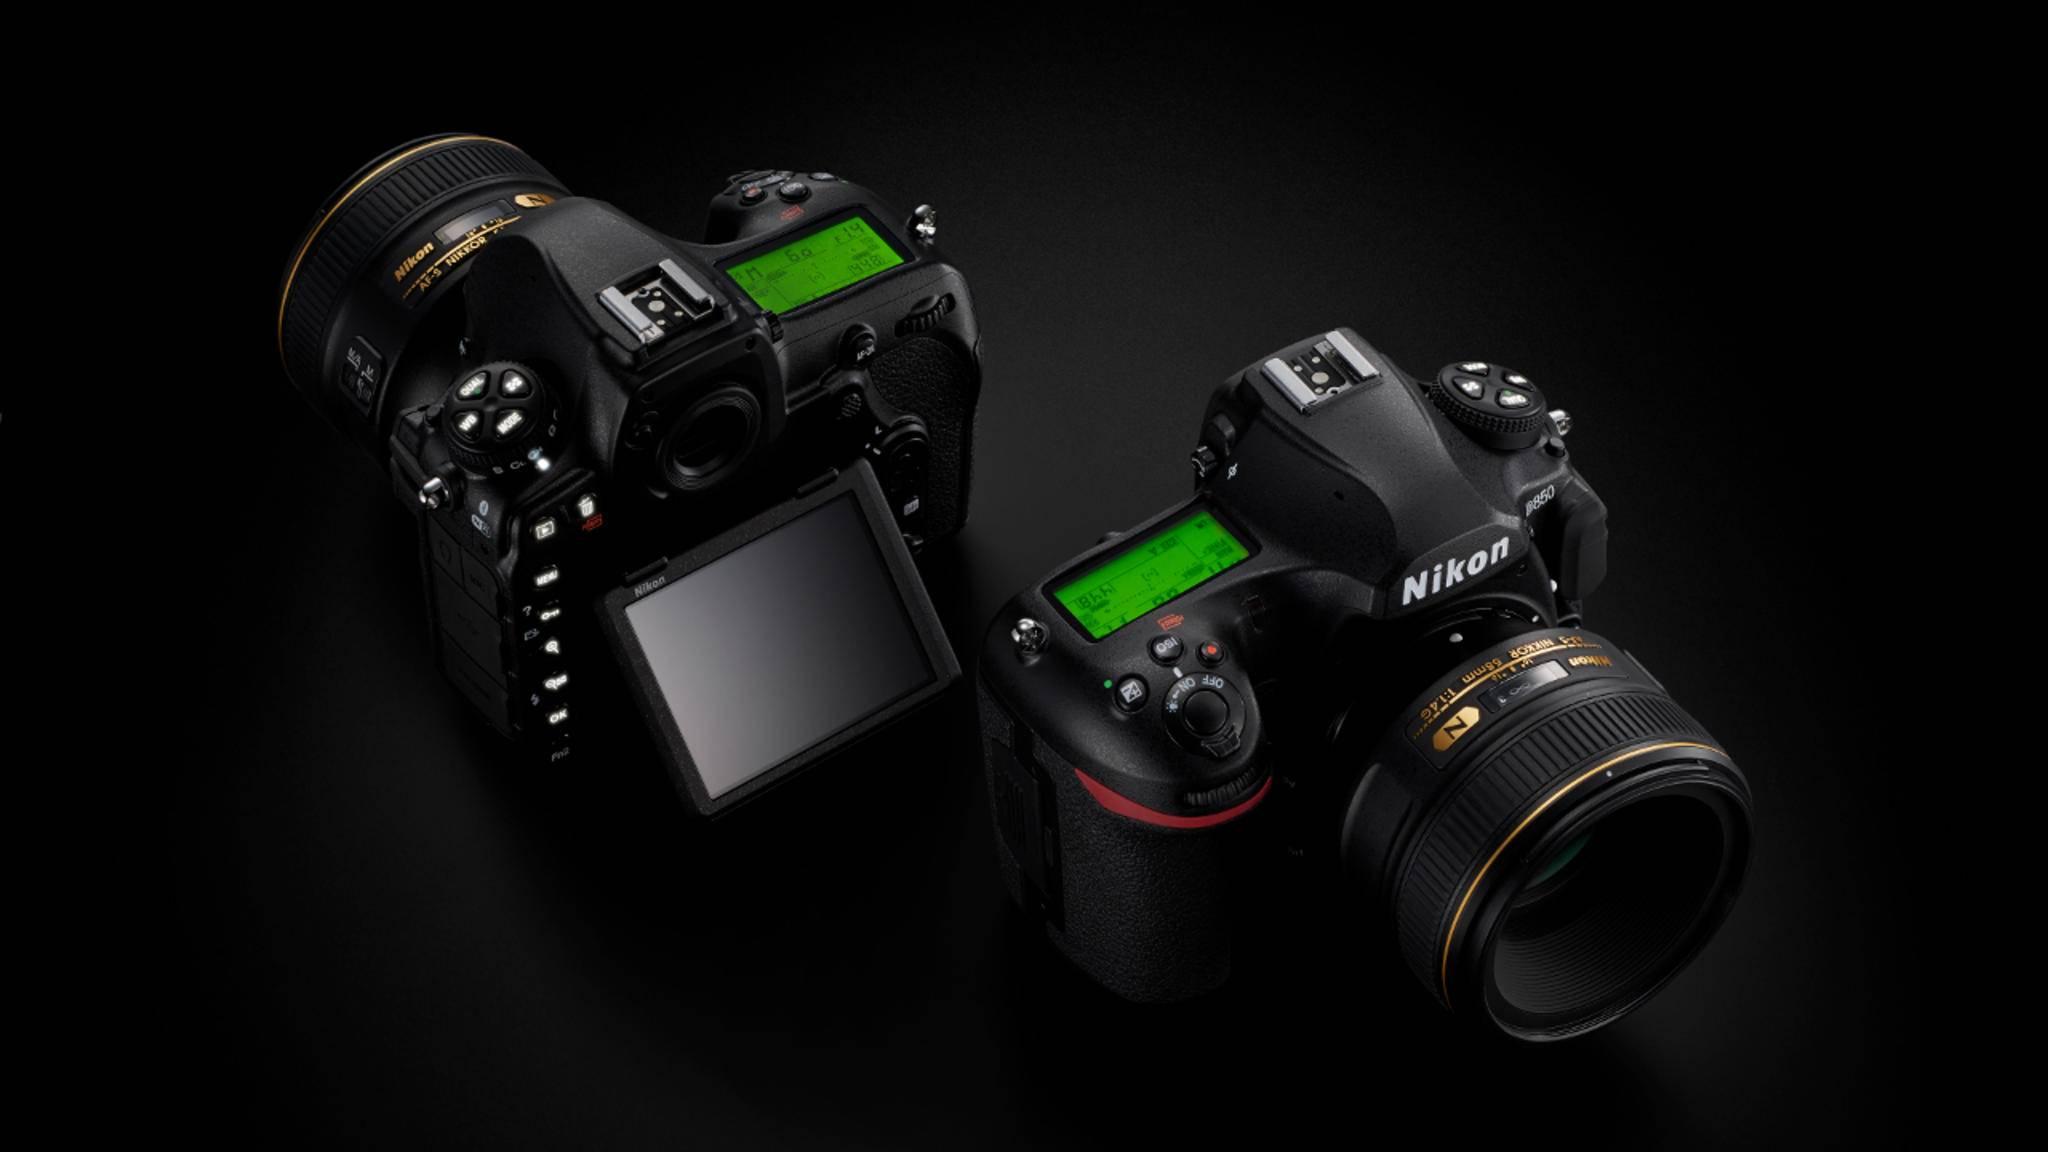 Die neue Profi-DSLR Nikon D850 löst mit 45,7 Megapixeln auf.